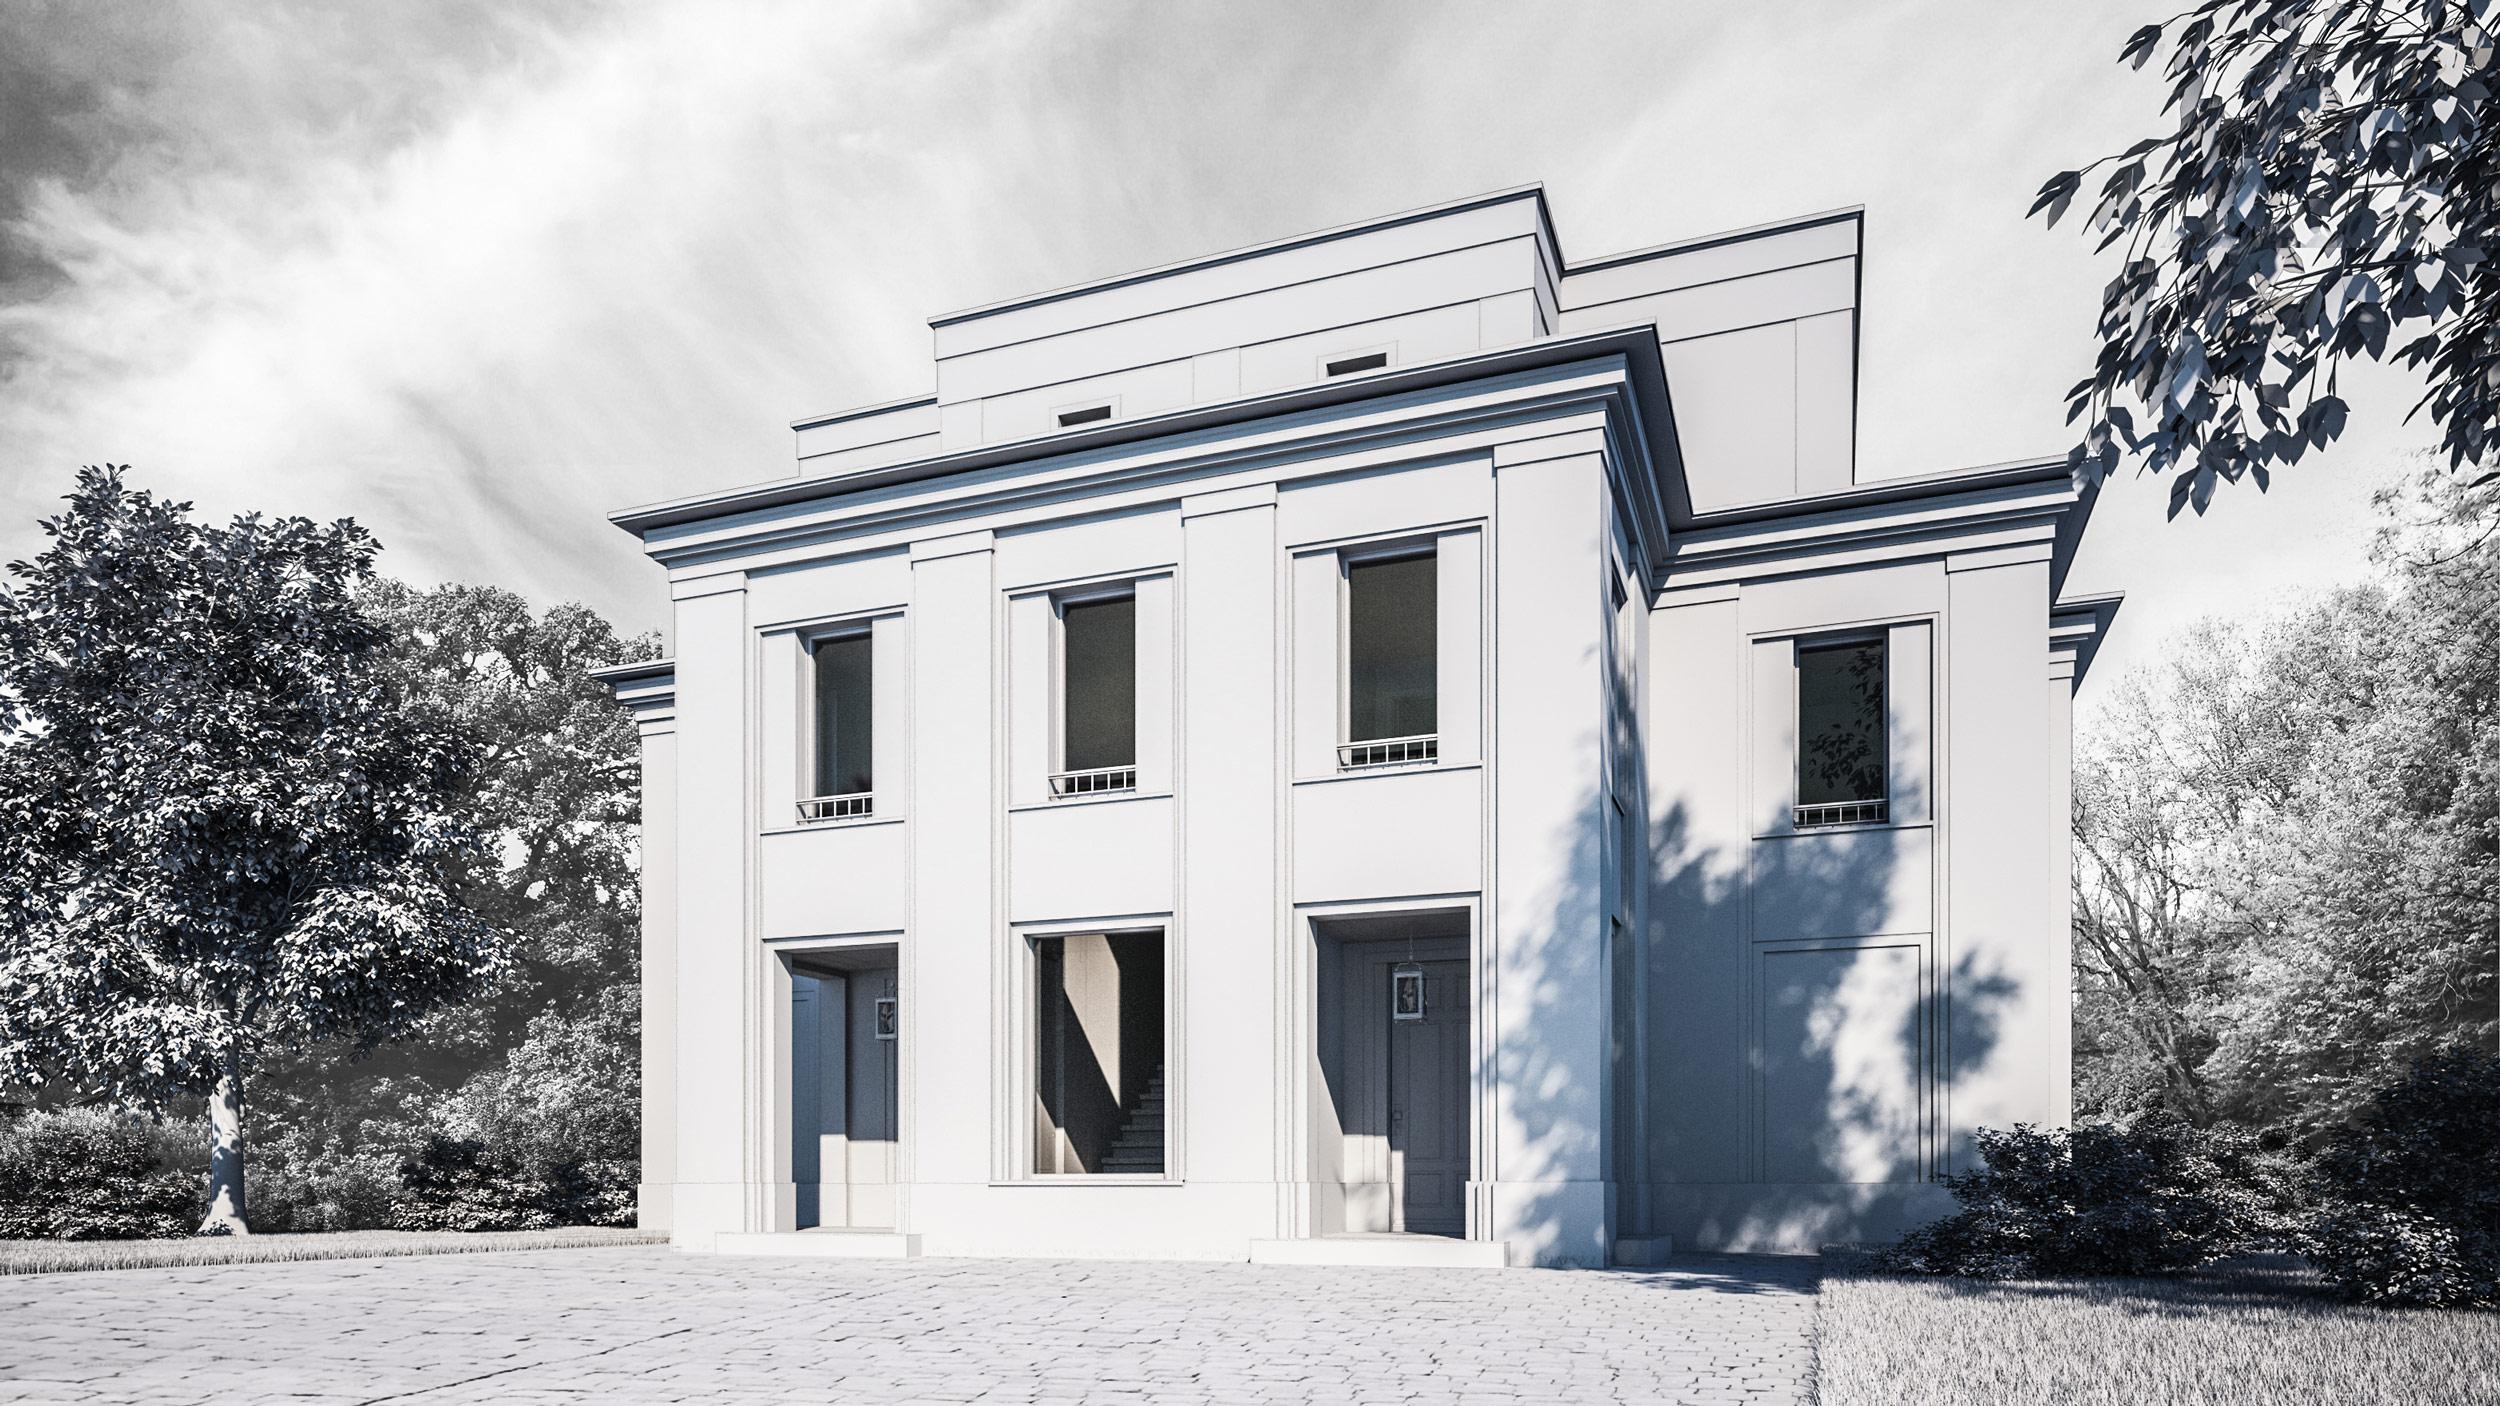 SEETERRASSEN AN DER MÜRITZ – Redesign eines Mehrfamilienhauses am See - Über halboffene Porches erfolgt der Zugang zu den Wohnungen im Eingangsportal.